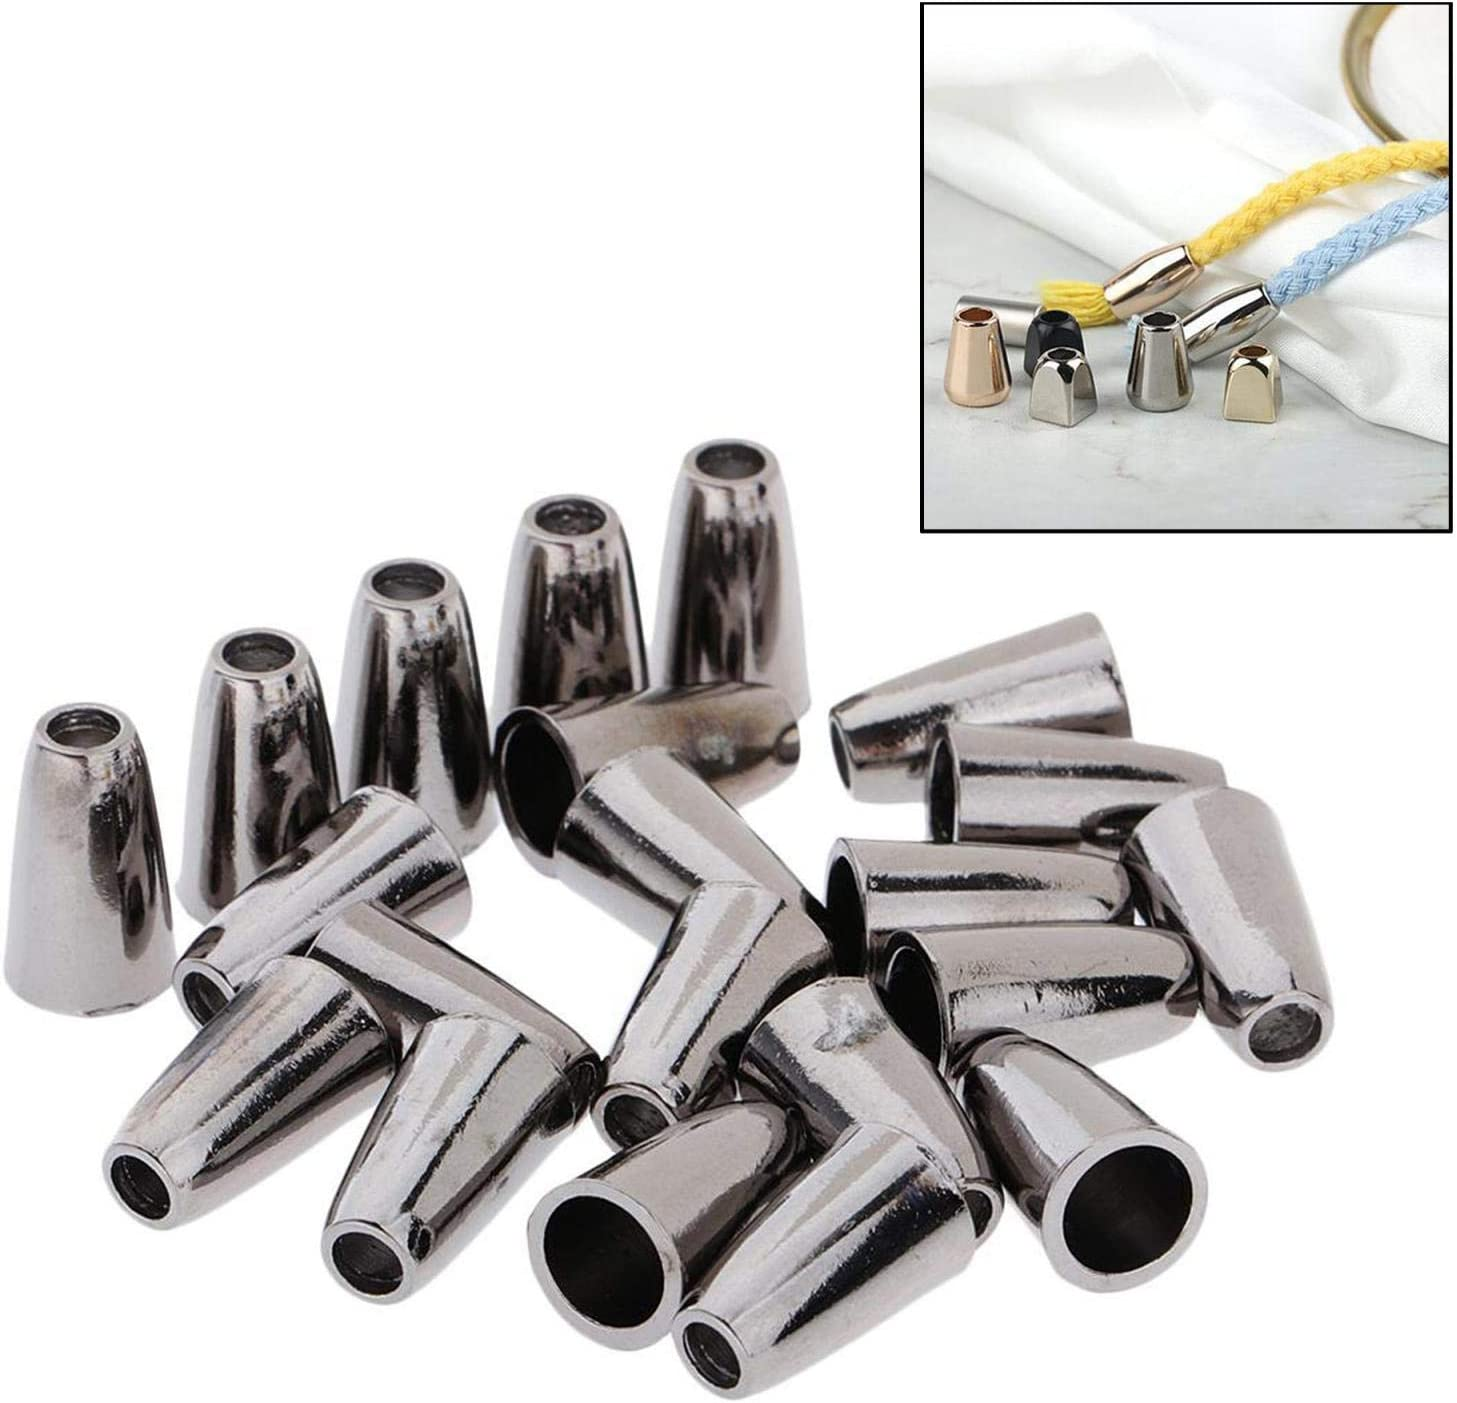 Gris milageto 20 Sets Metal Extremo tap/ón Cable Extremos de Cuerda cerraduras cord/ón Clips Sujetador artesan/ía de Costura 15mm Cordones Accesorios